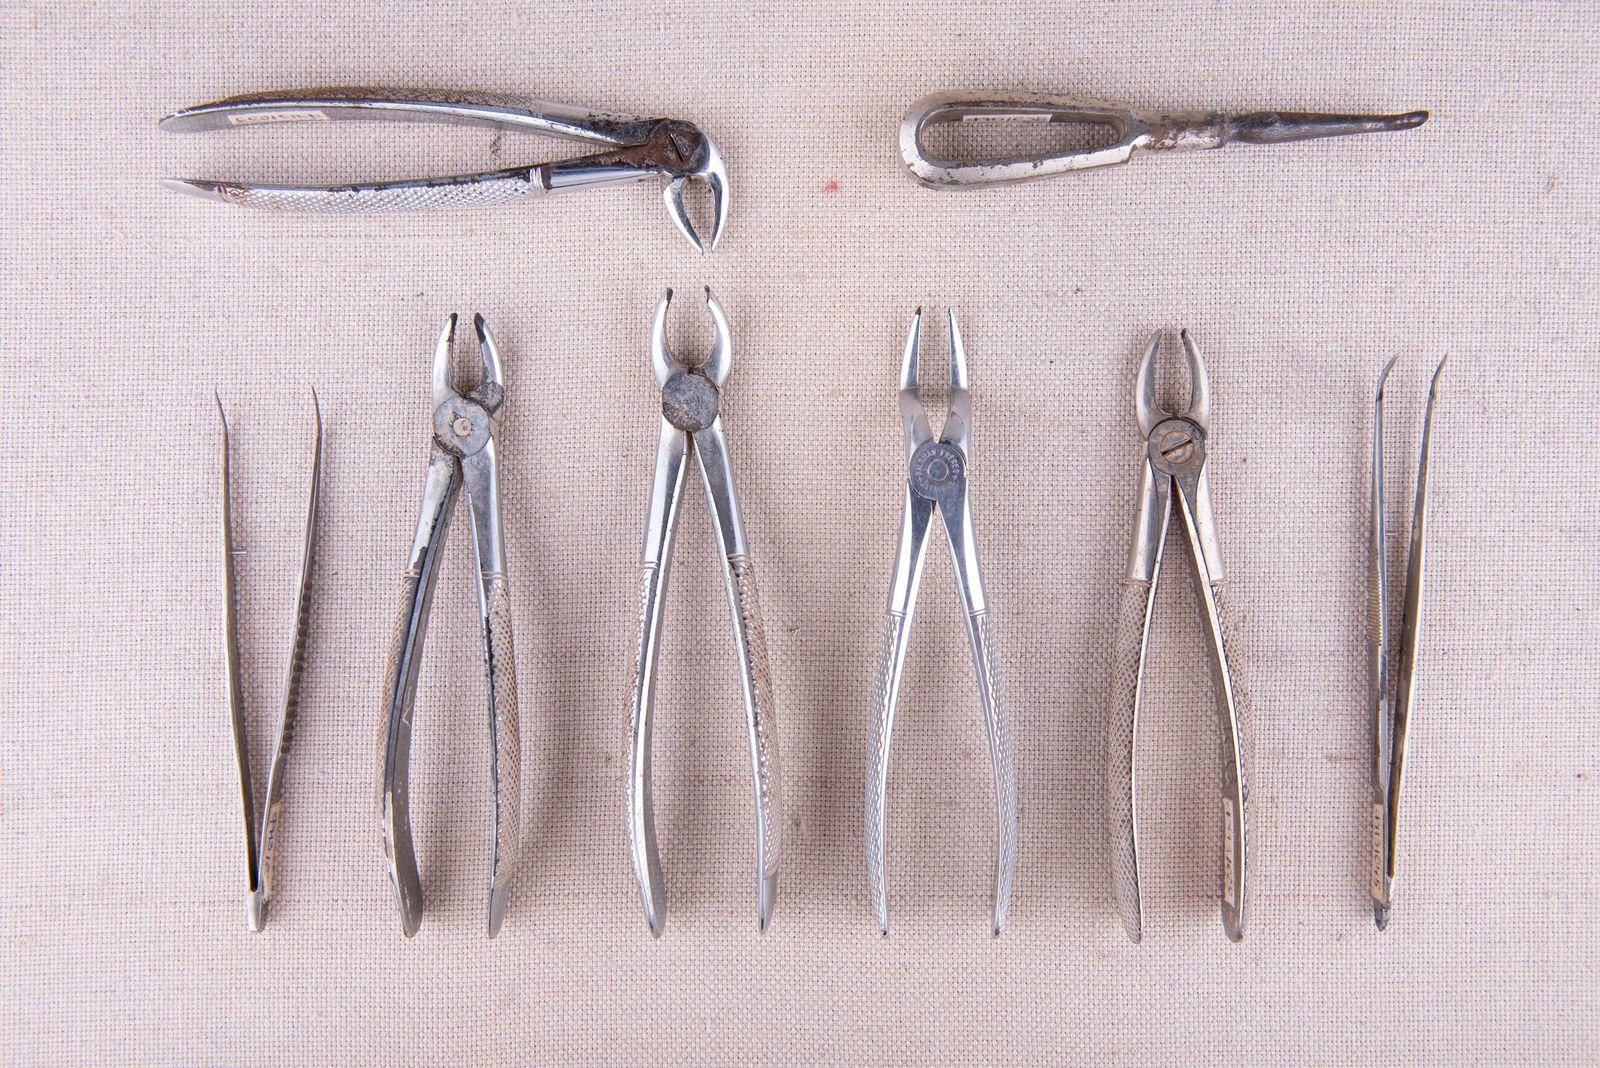 Muzei273_Зъболекарски клещи и лост за вадене на зъби